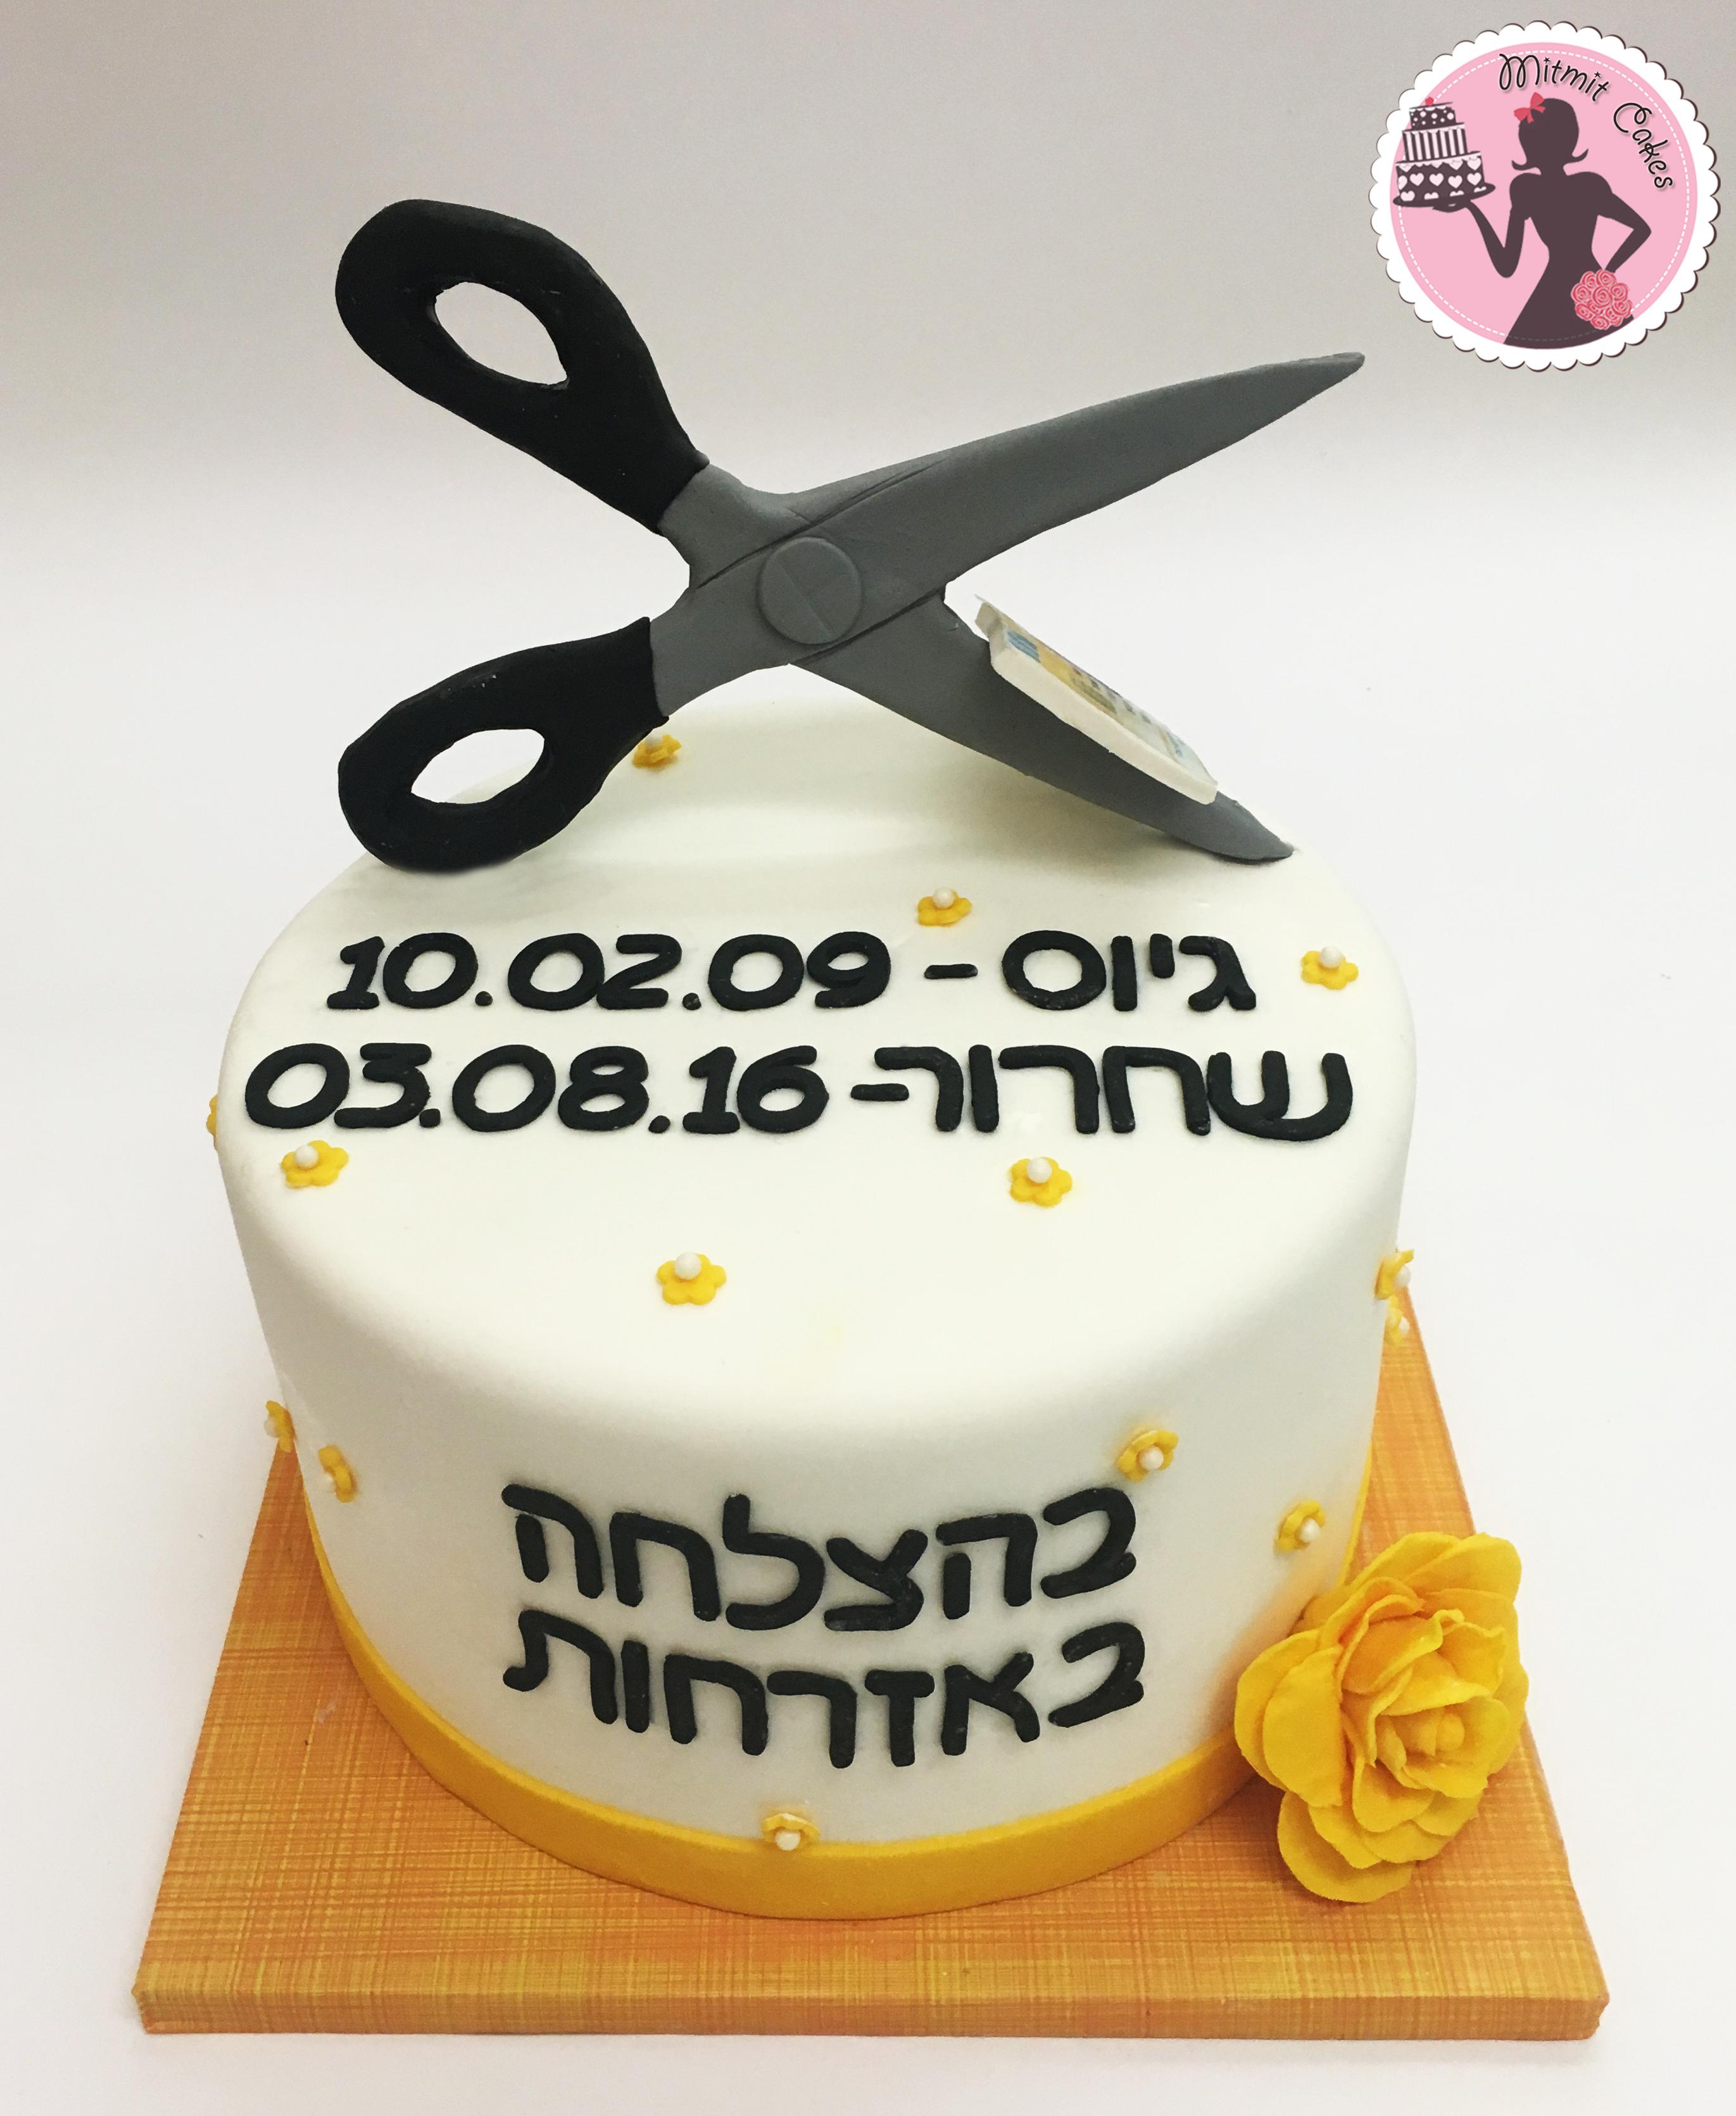 עוגת מספריים- שחרור מצהל בשירות קבע